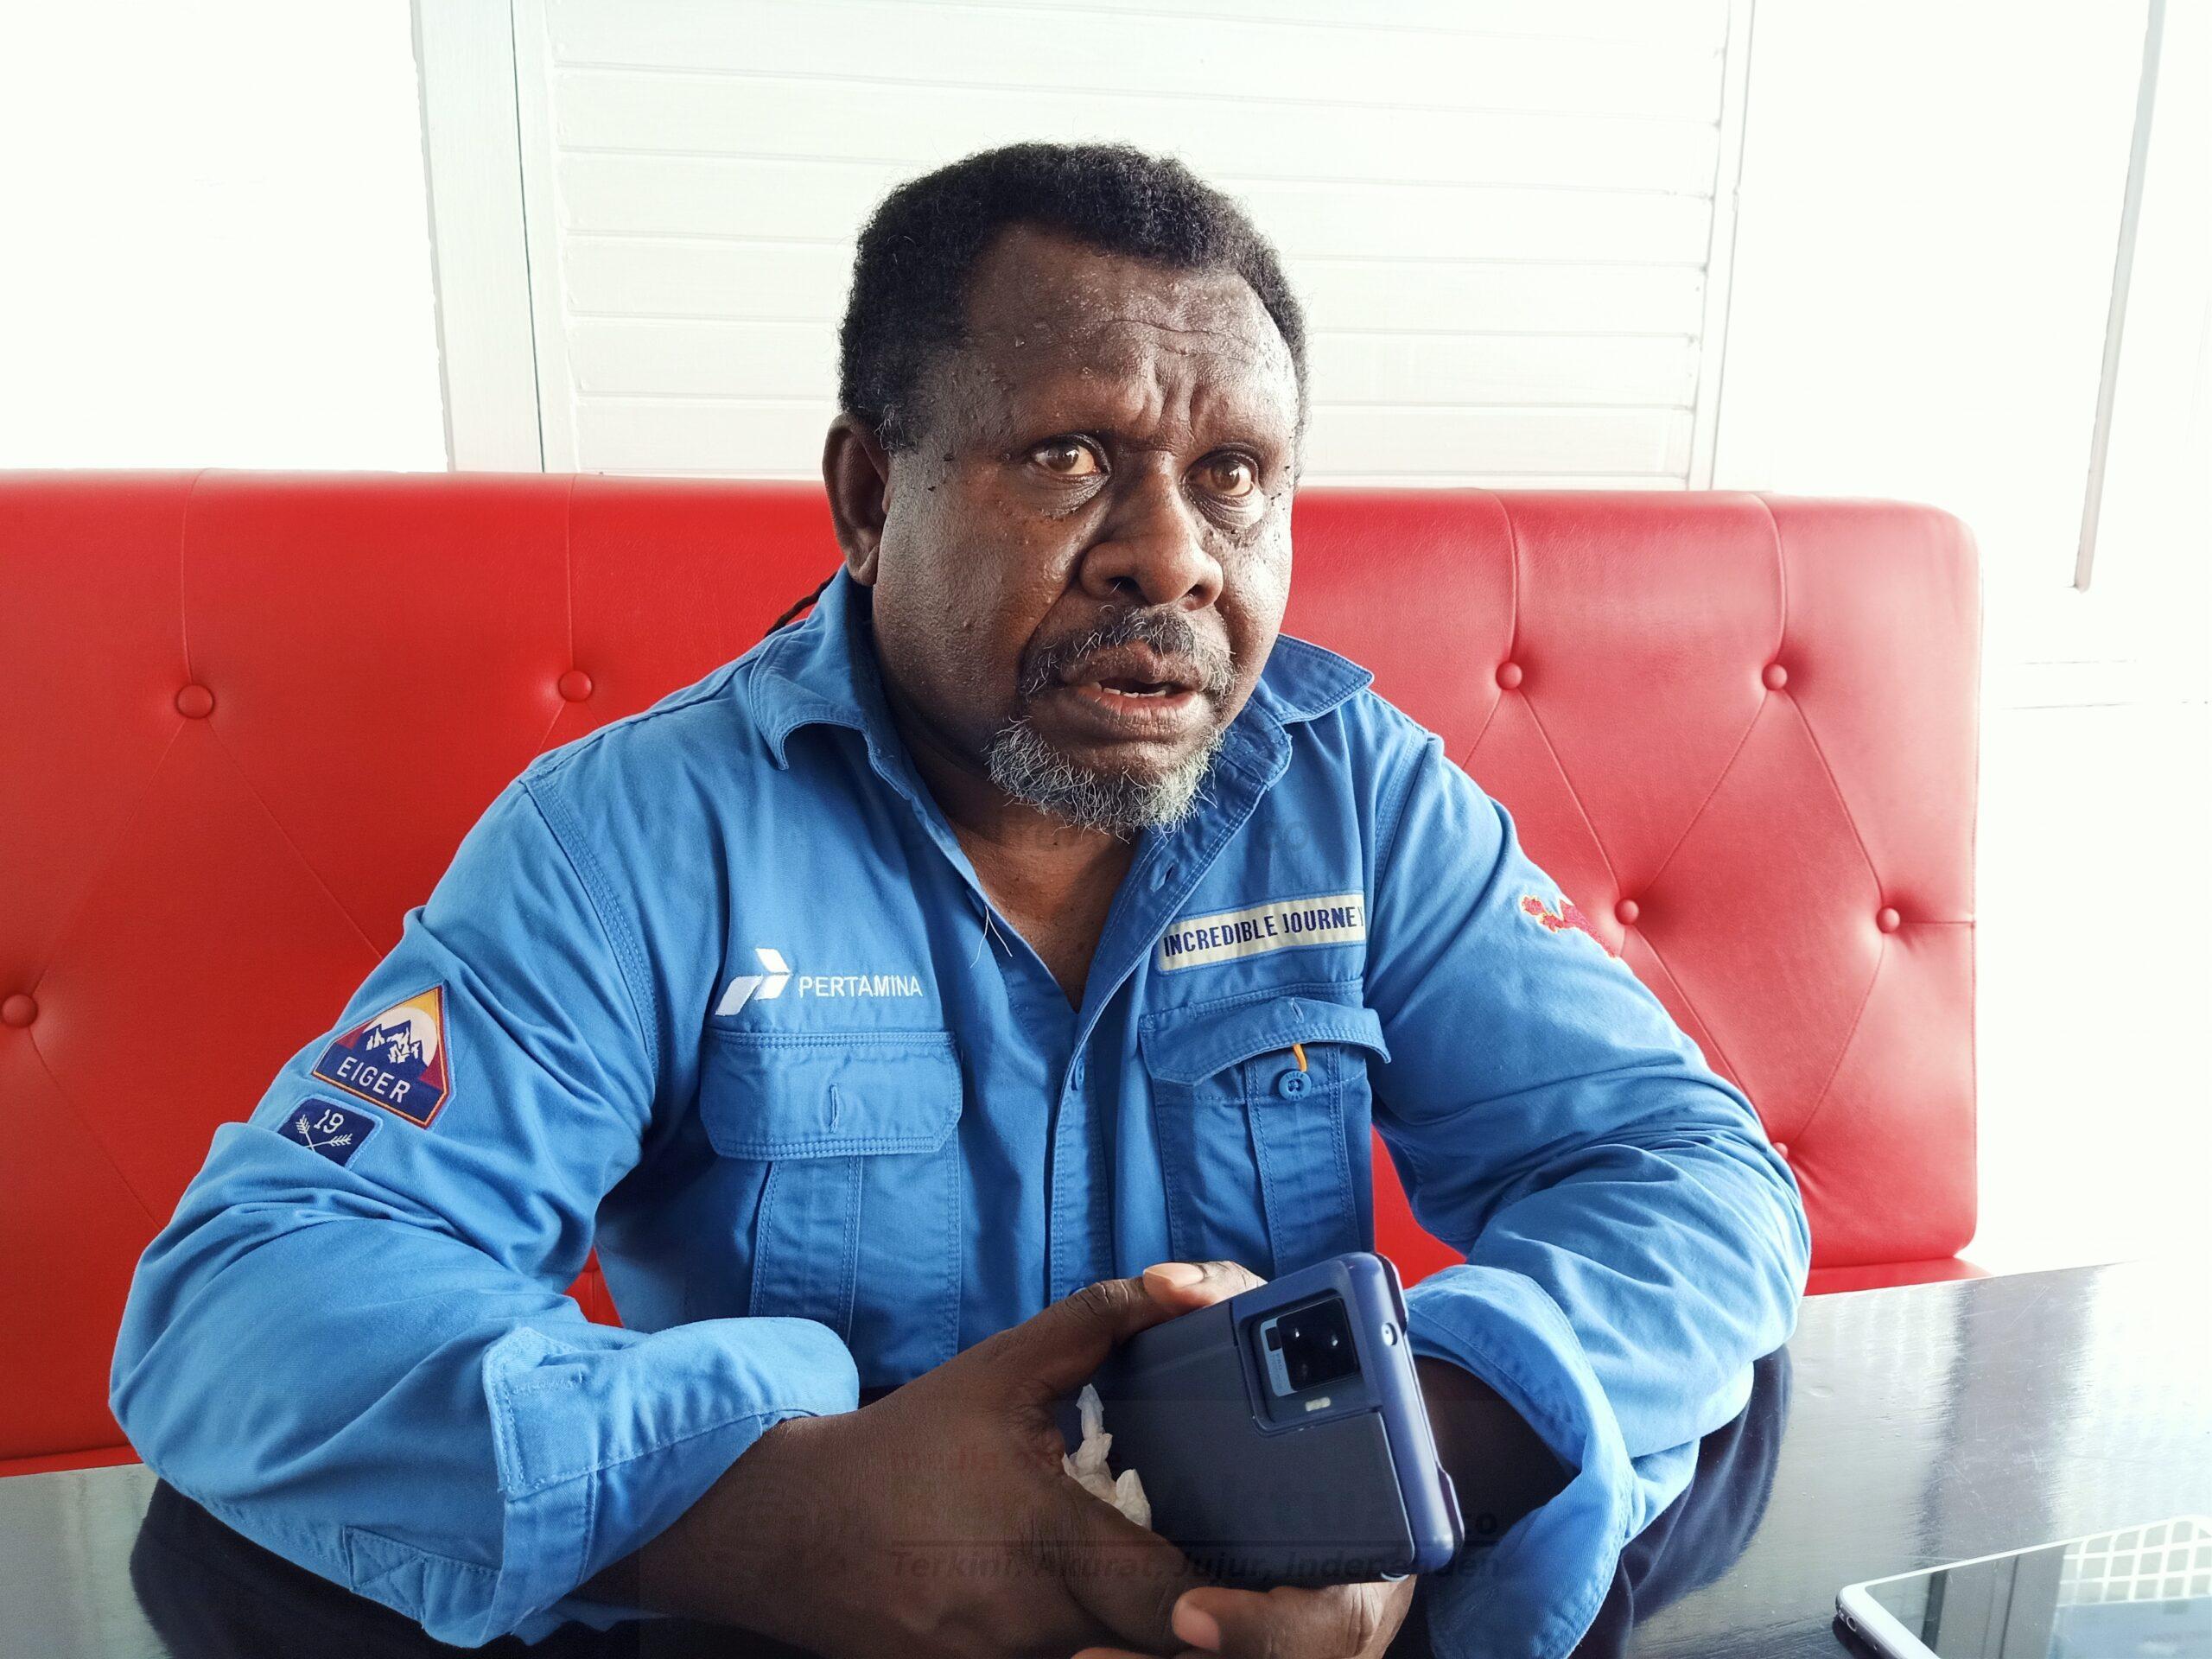 Pertamina Maluku Dan Papua, Minta Polisi Juga Pemerintah Ungkap Modus Kelangkaan Minyak Tanah 1 IMG20201123140456 scaled